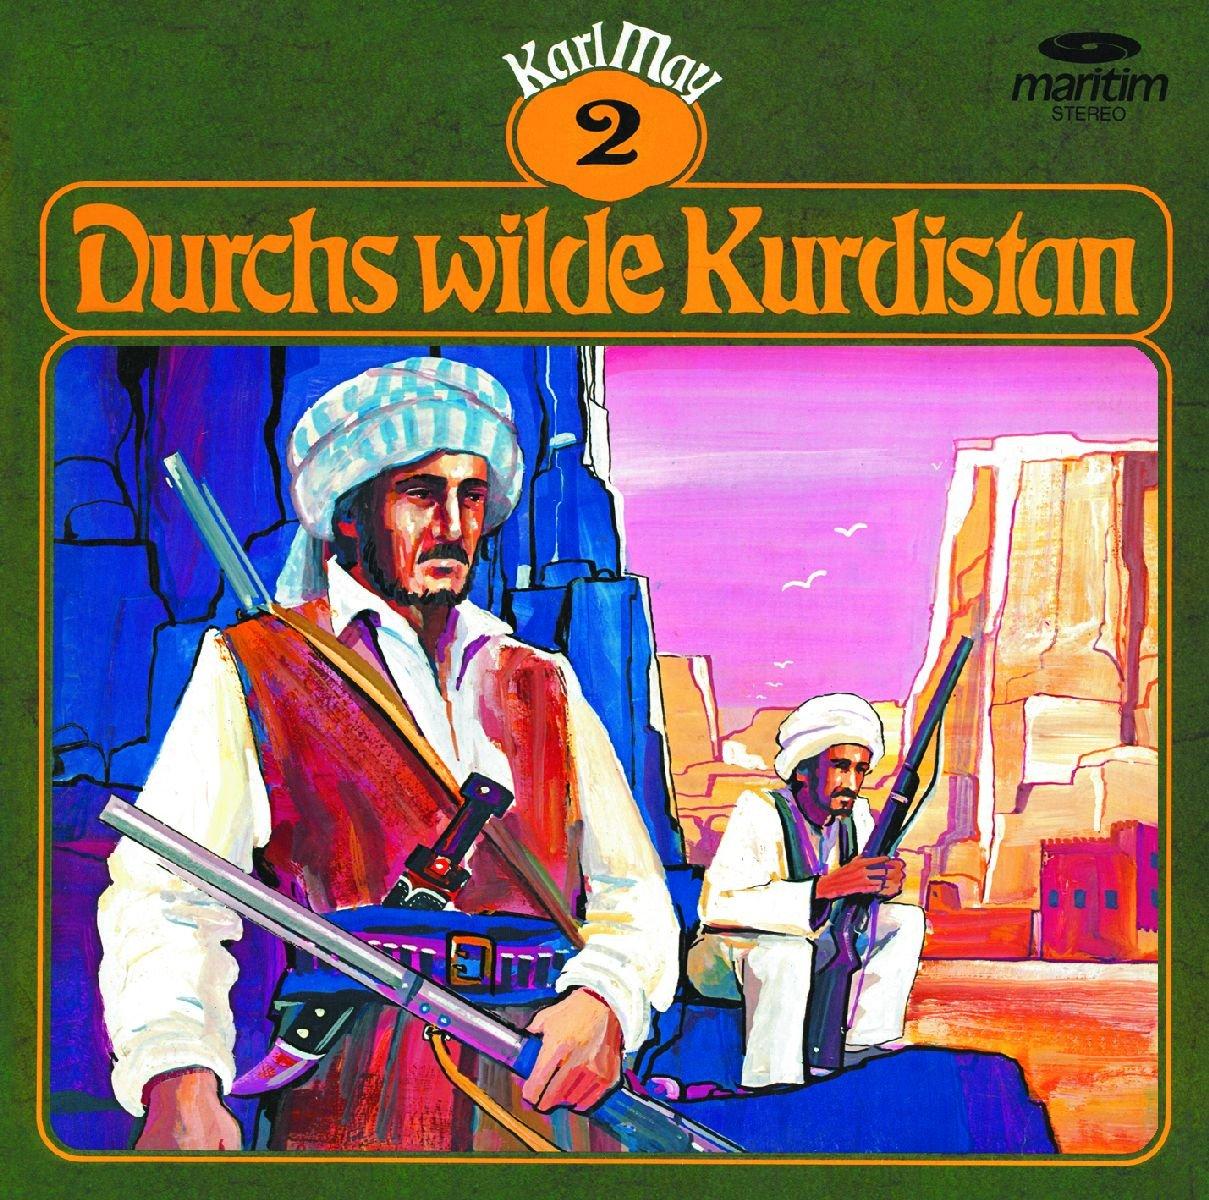 Karl May Klassiker (2) Durchs wilde Kurdistan - Maritim Produktionen 1975 / 2017